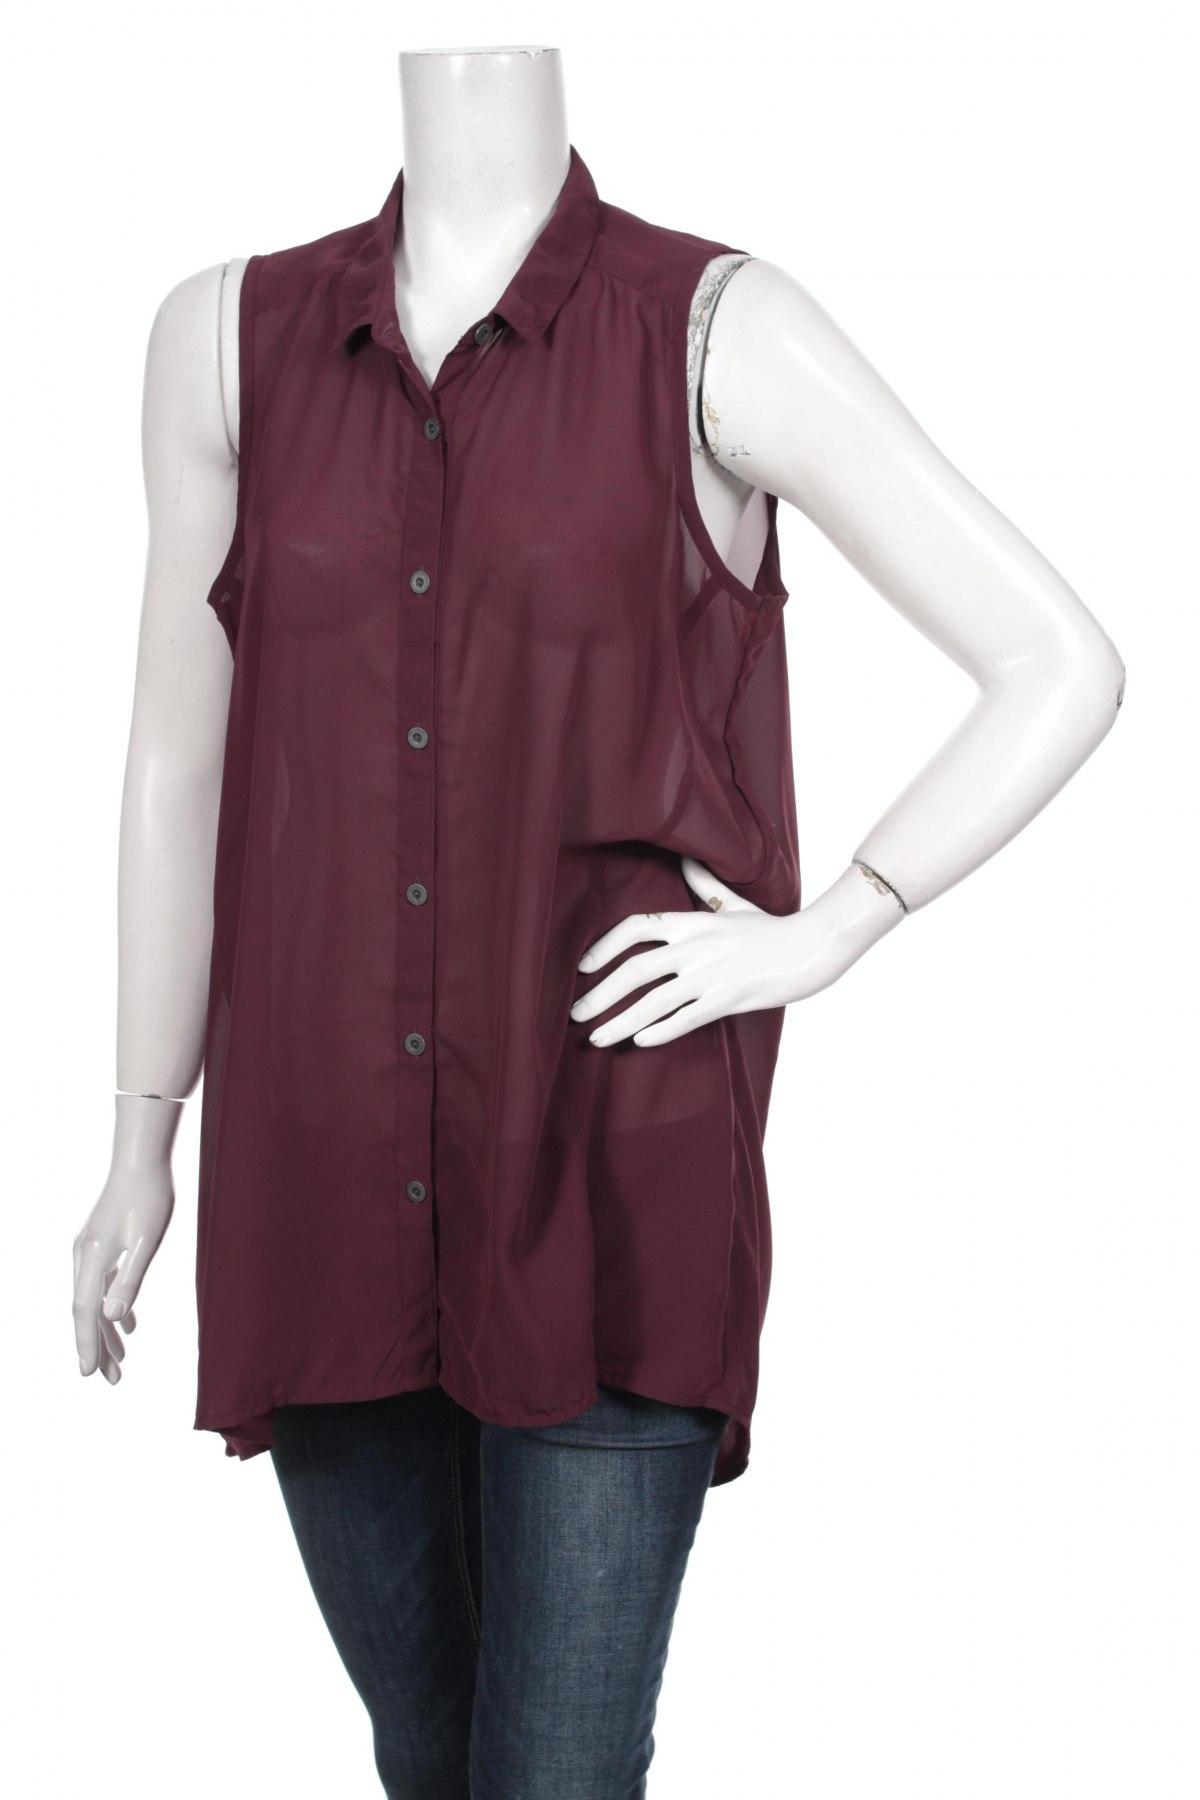 Γυναικείο πουκάμισο Jsfn